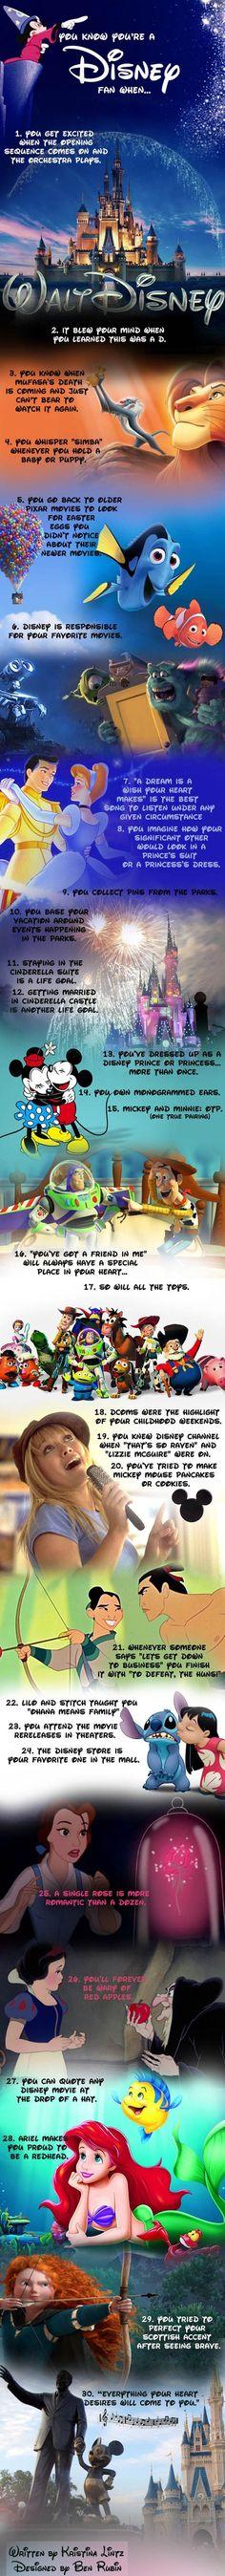 A true Disney fan...